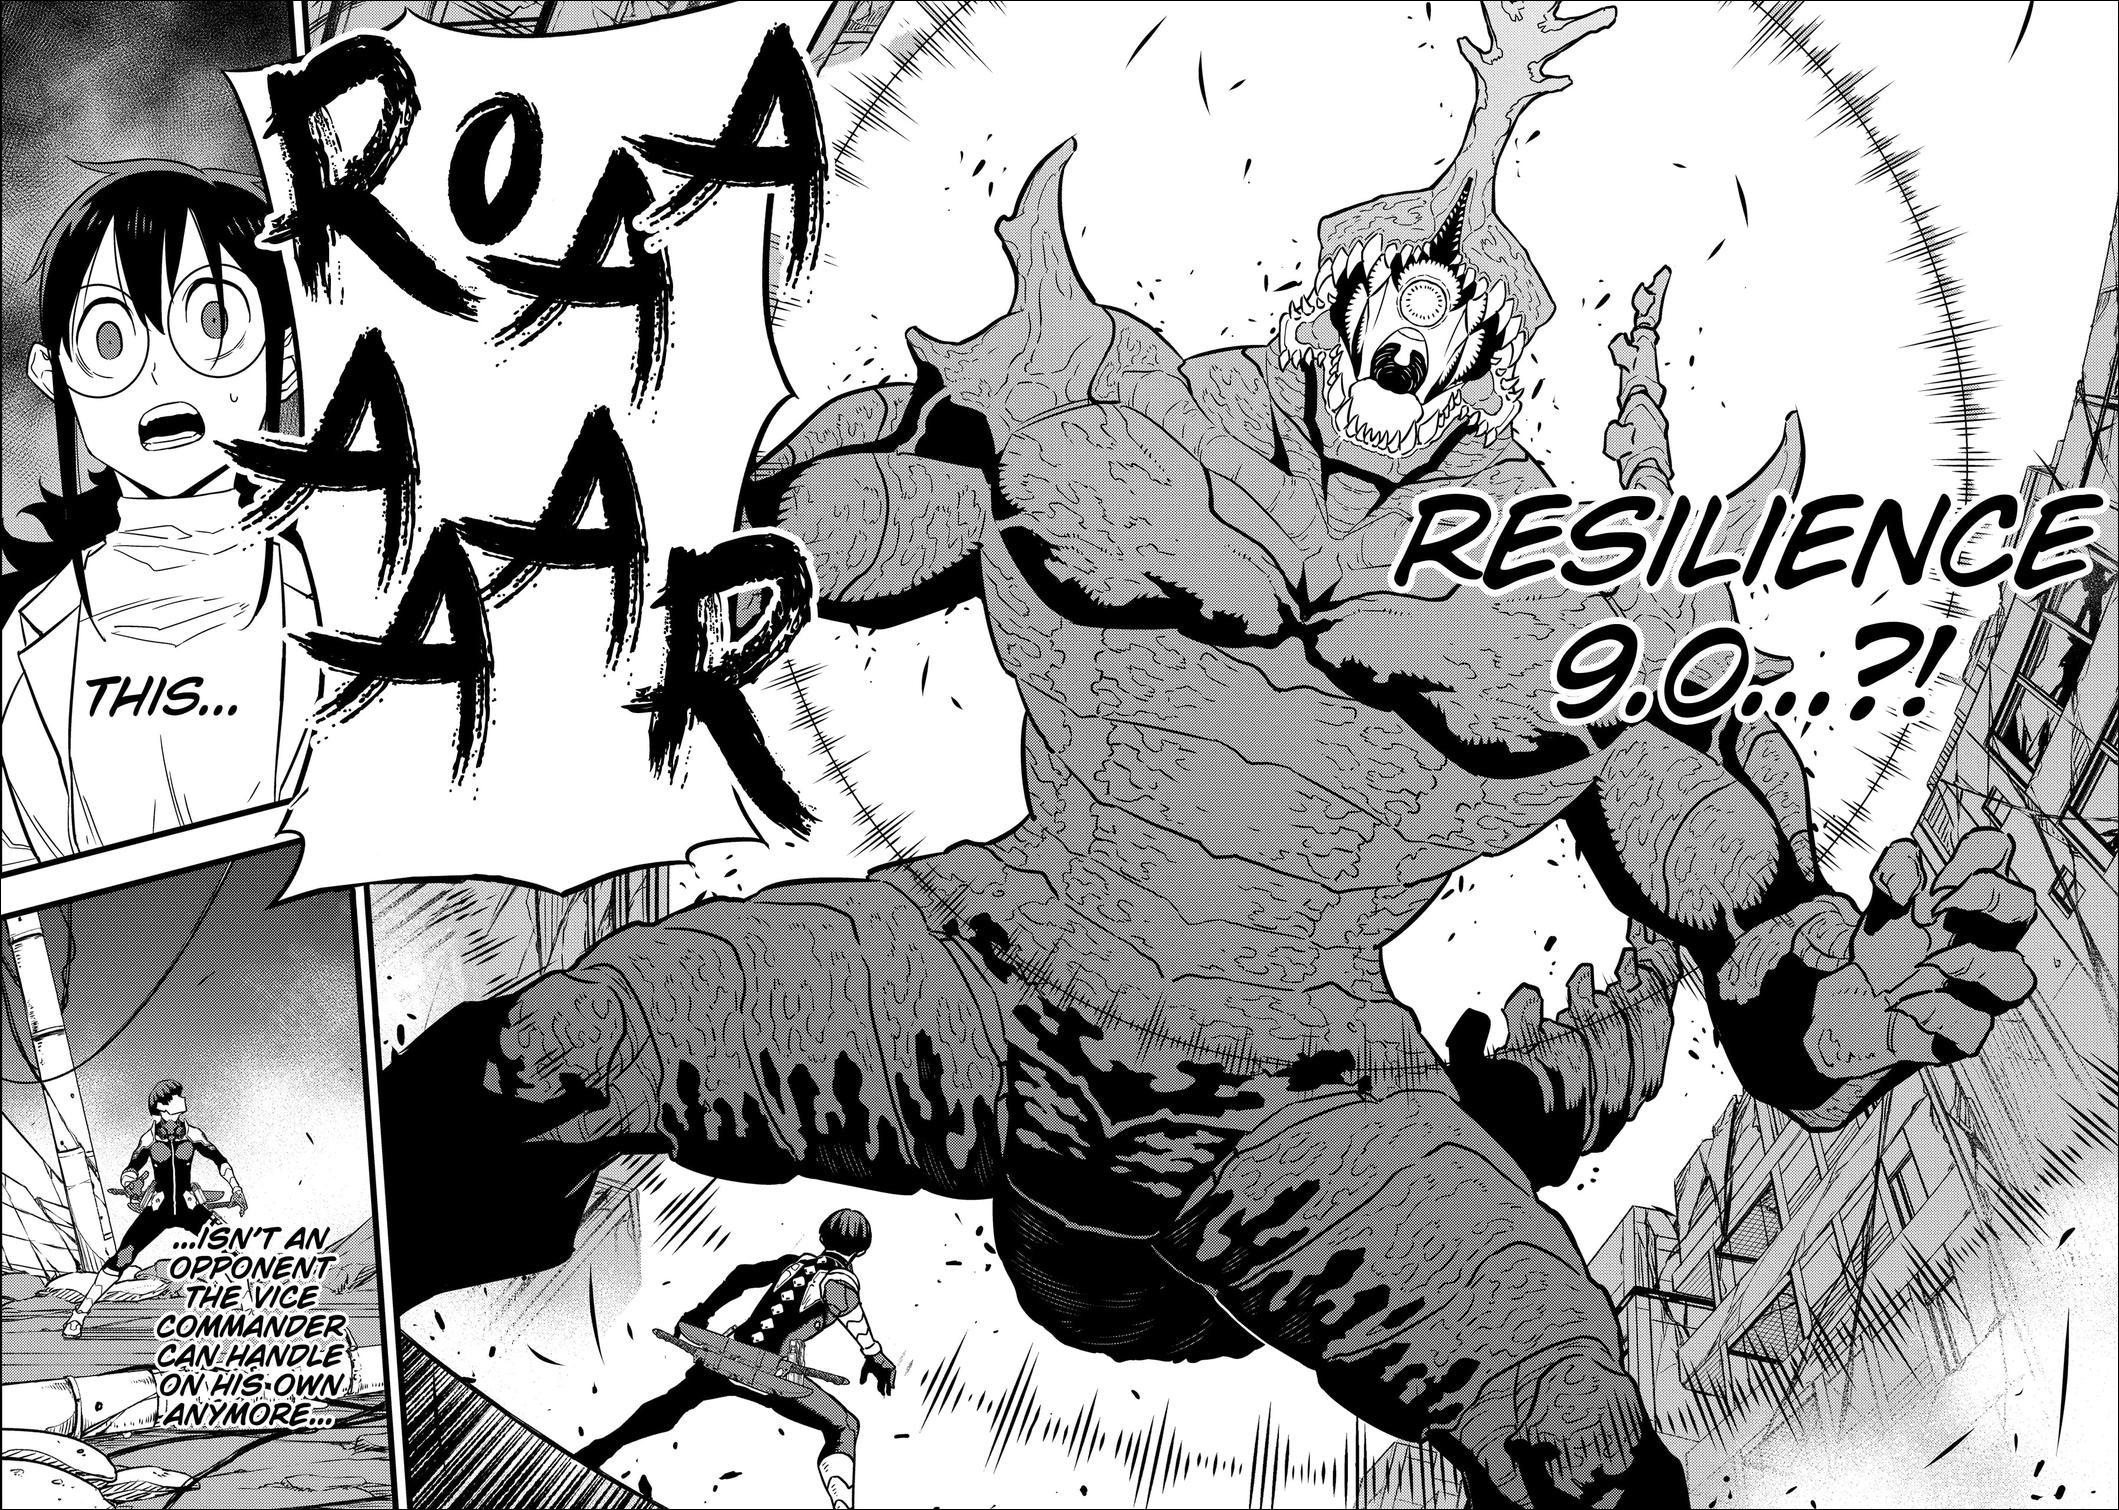 Kaiju No.8 Chapter 28 - Kaiju No.10 Transforms